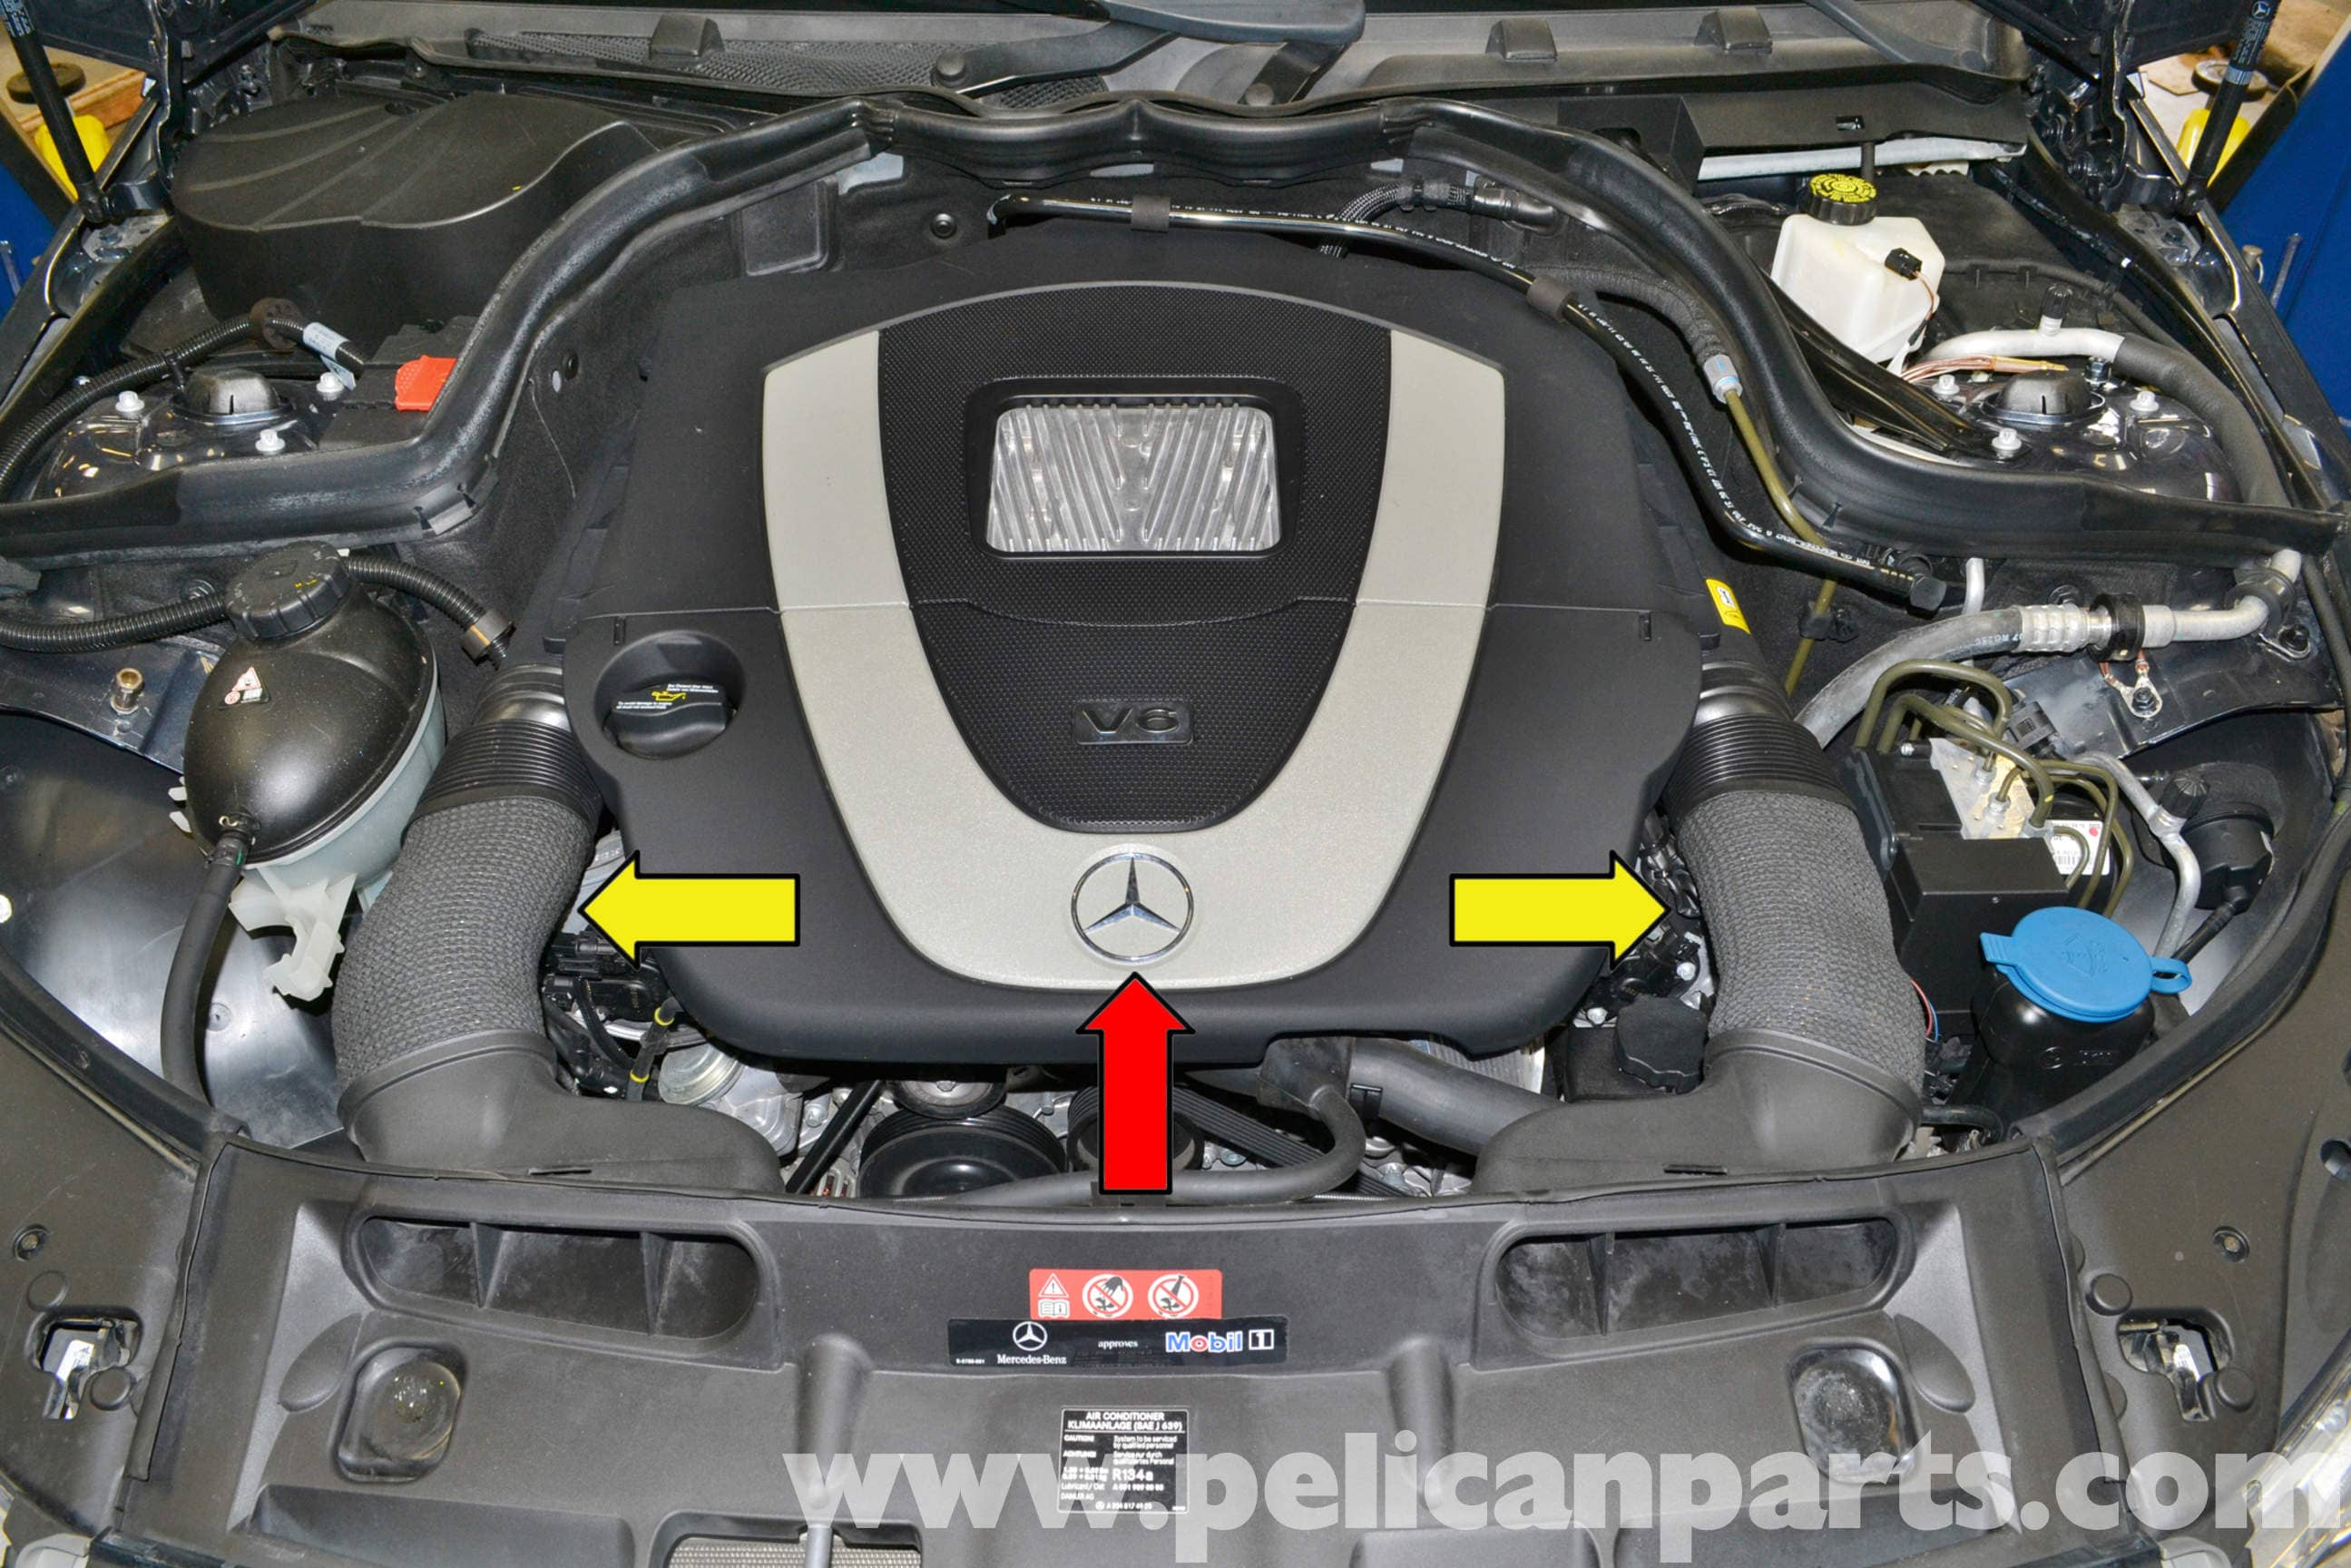 [SCHEMATICS_48EU]  KR_1448] Glk 350 Engine Diagram Download Diagram | Glk 350 Engine Diagram |  | Lukep Hisre Odga Mohammedshrine Librar Wiring 101